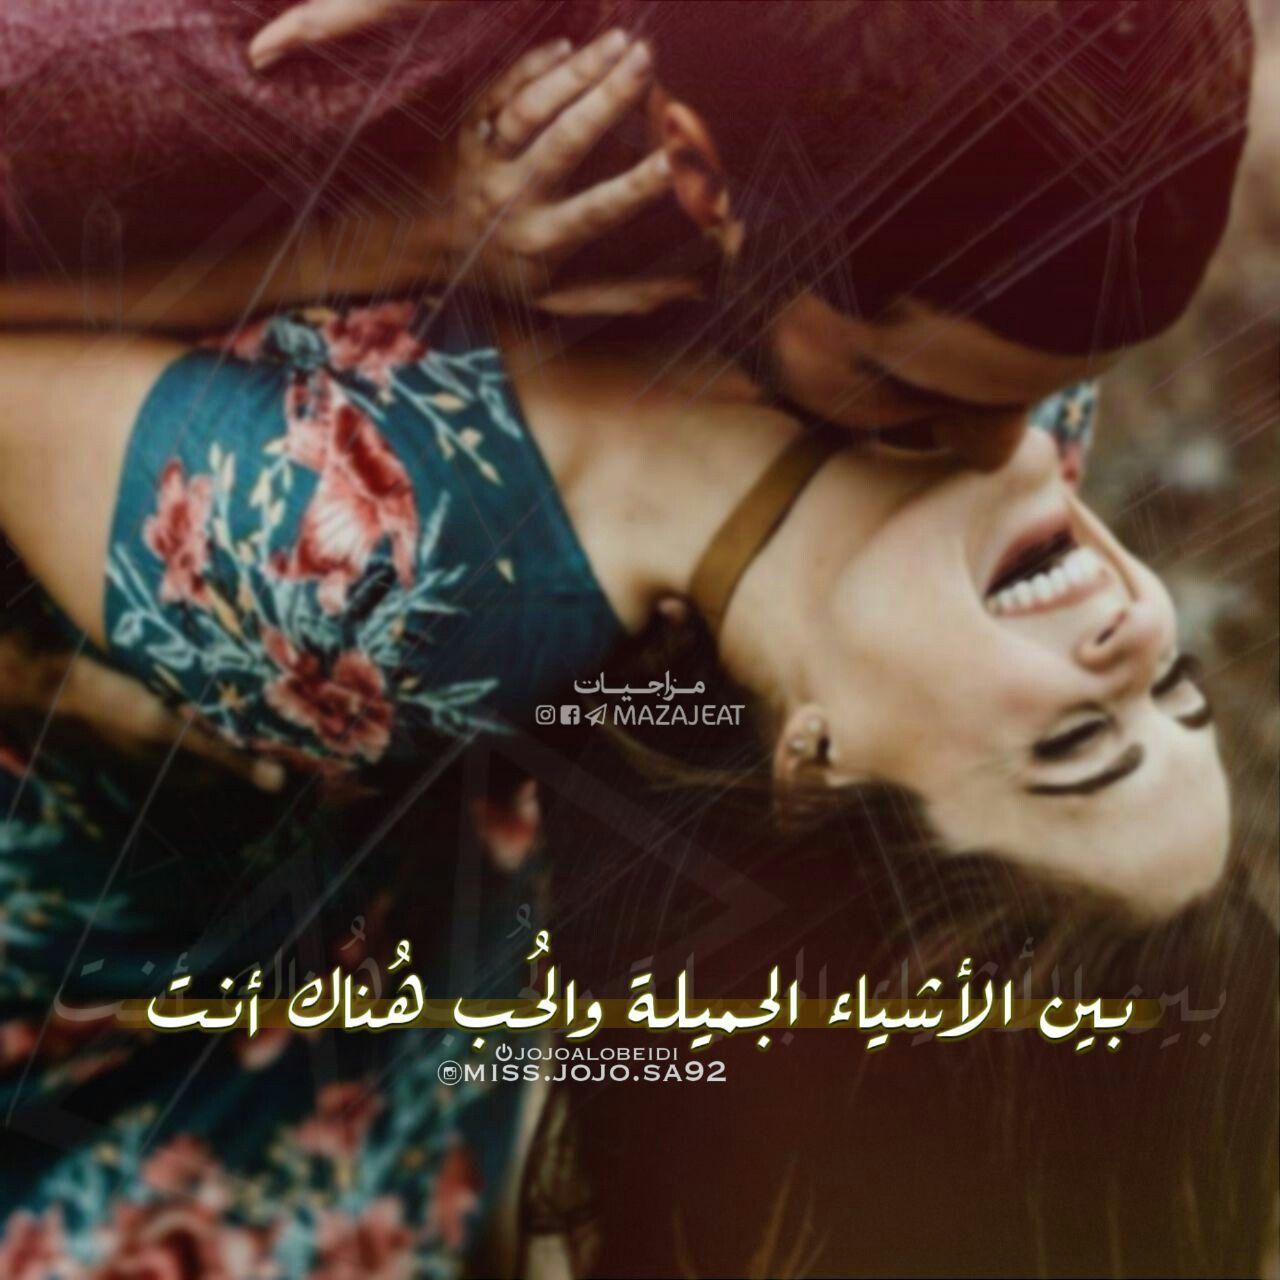 بين الأشياء الجميلة هنالك أنت Unique Love Quotes Arabic Love Quotes Romantic Words